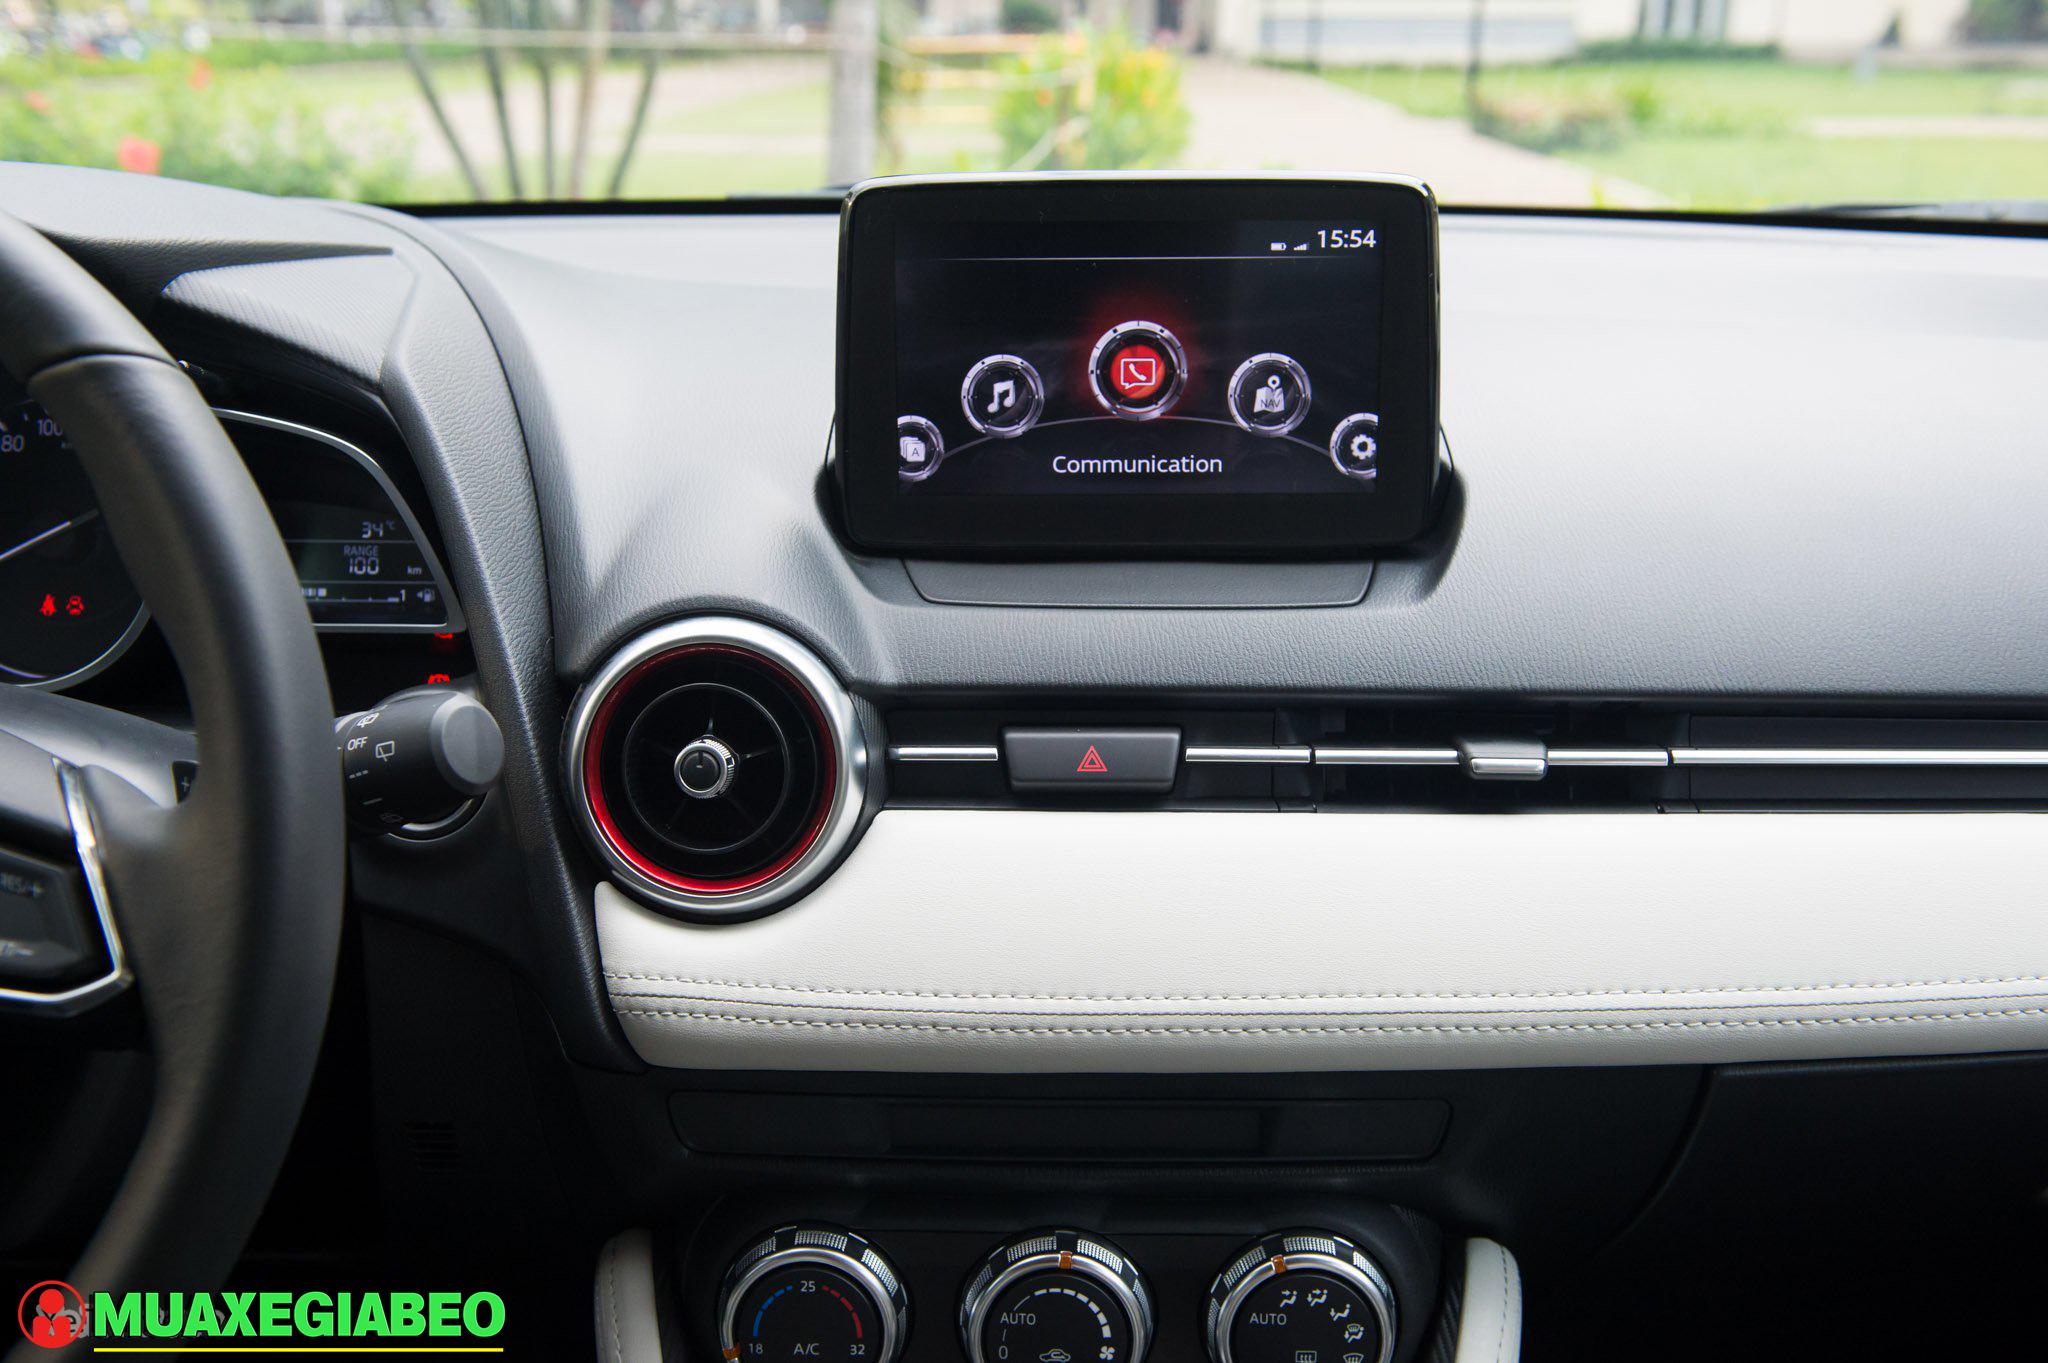 Xe Mazda 2 anh 9 - Mazda 2 [hienthinam]: thông số, giá xe & khuyến mãi tháng [hienthithang]